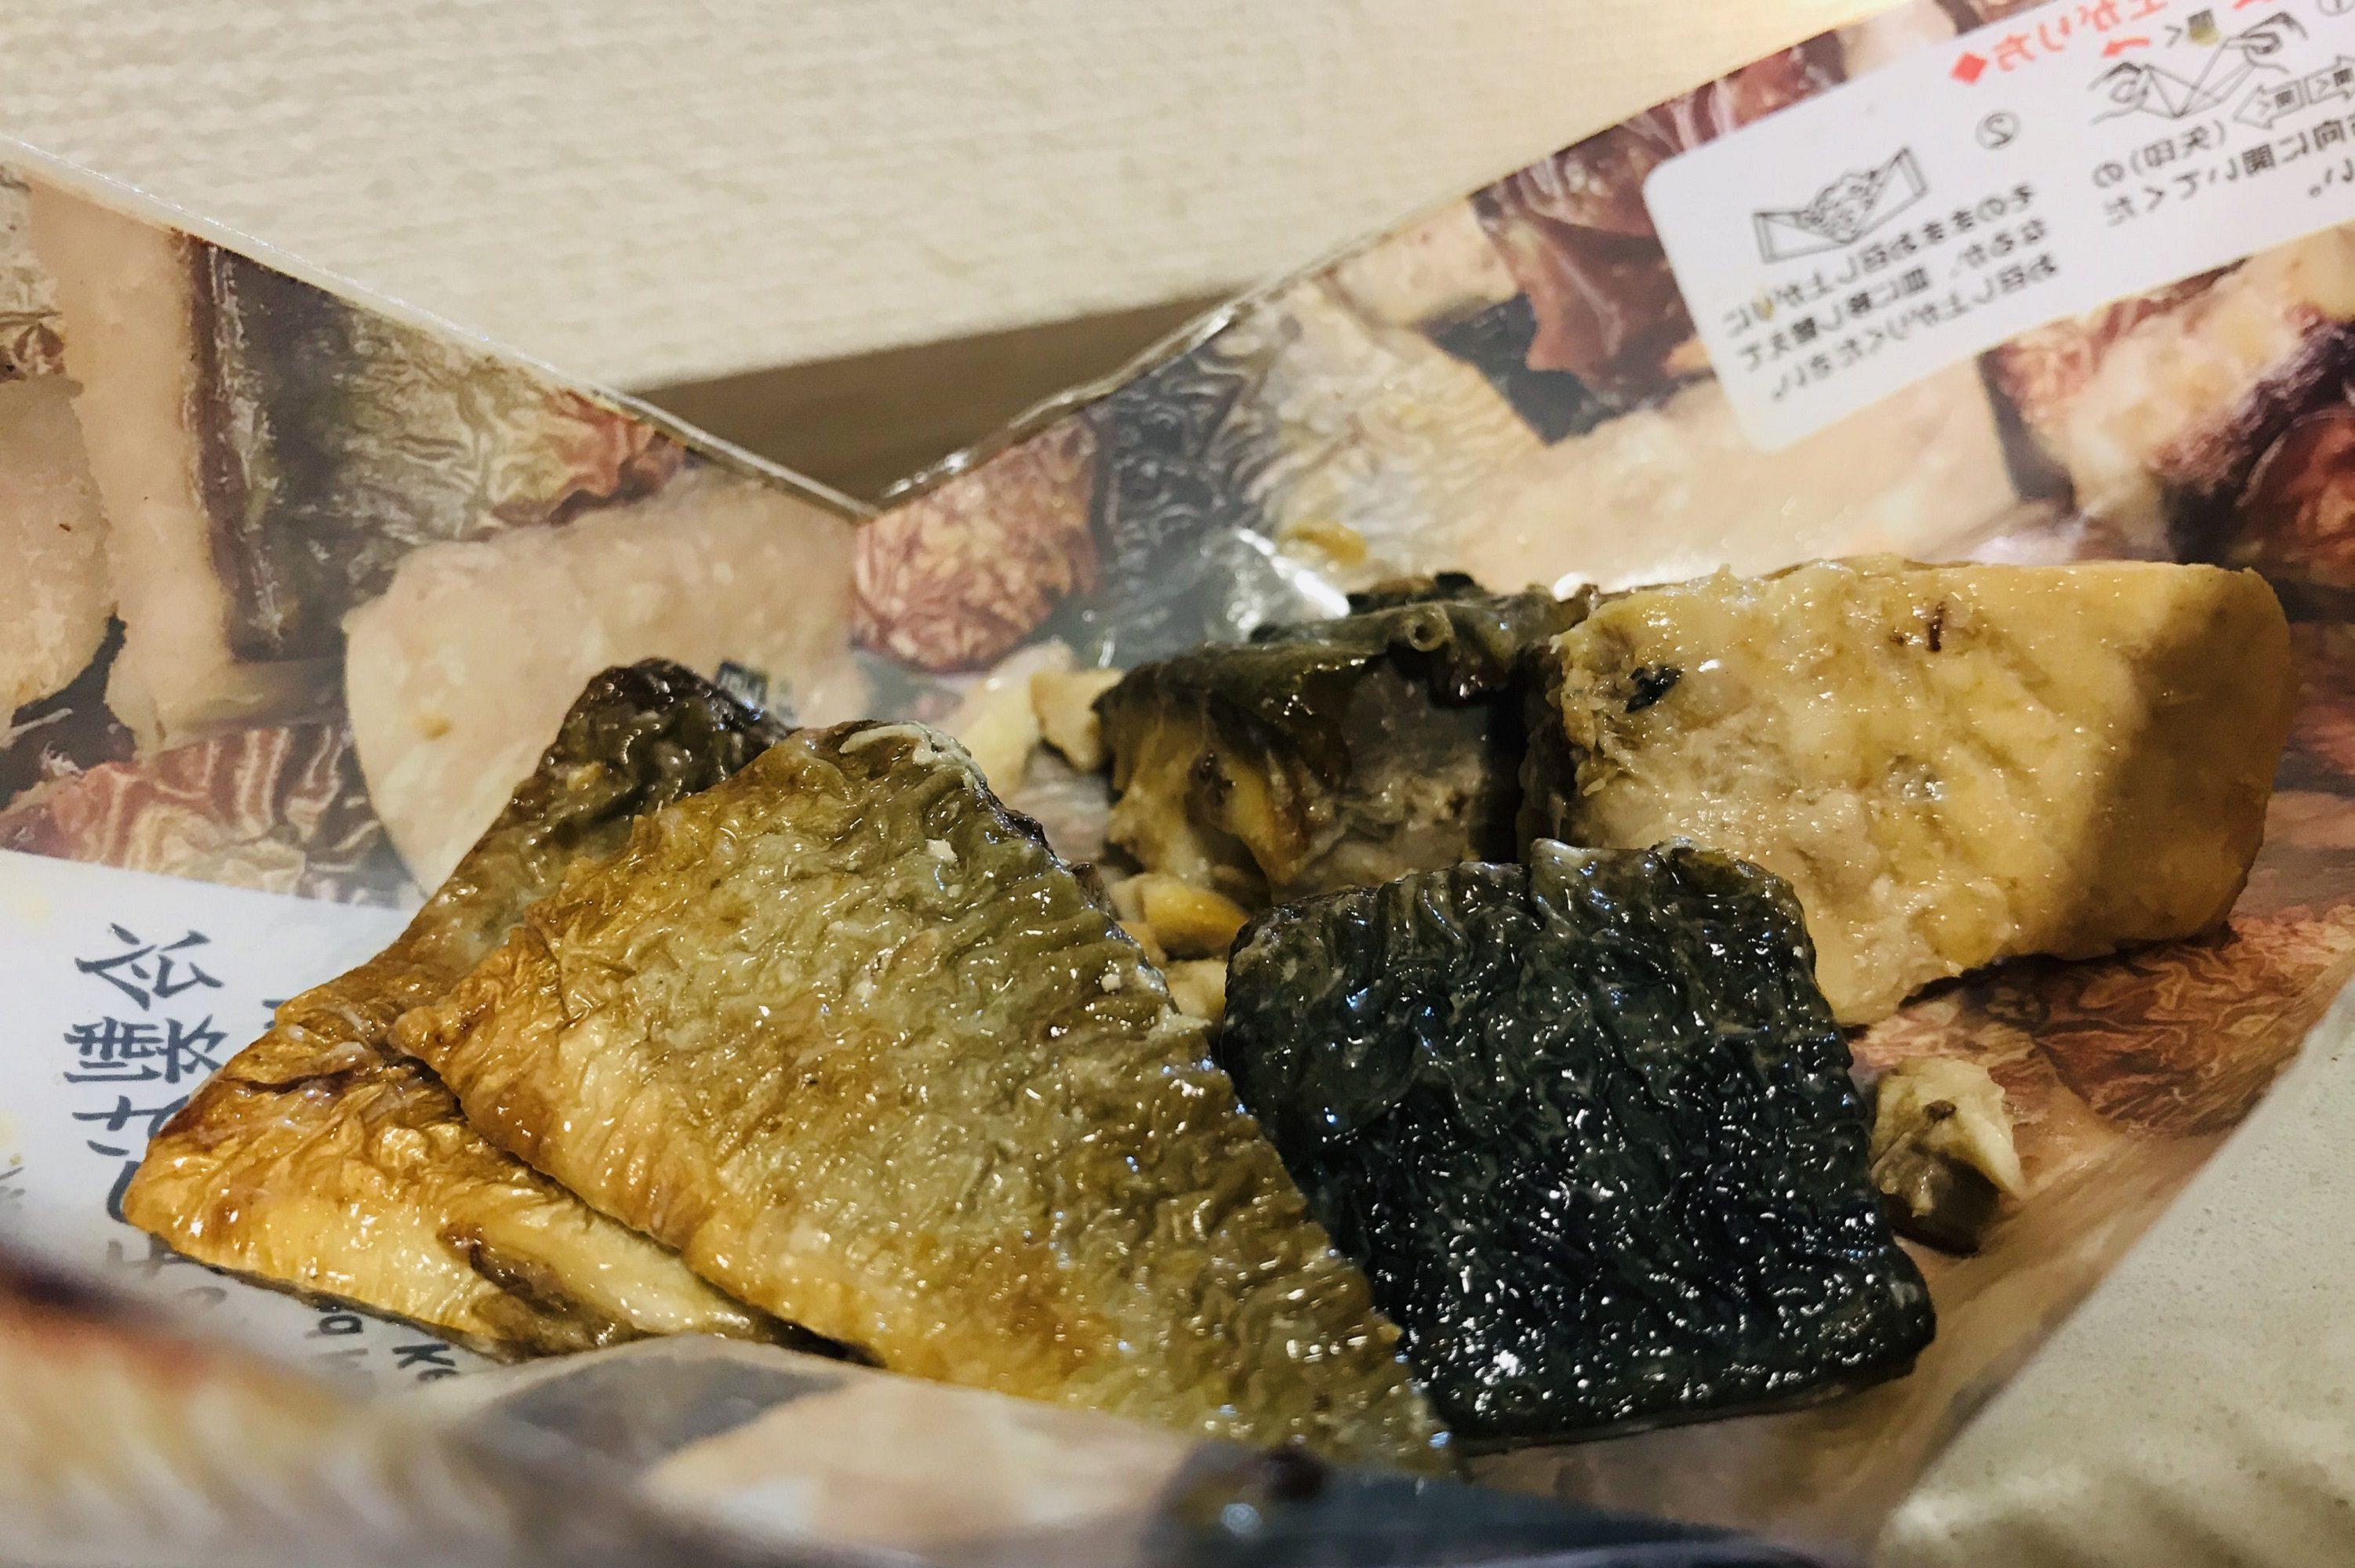 セブンイレブン「燻製香る冷製おつまみ焼きサバ」